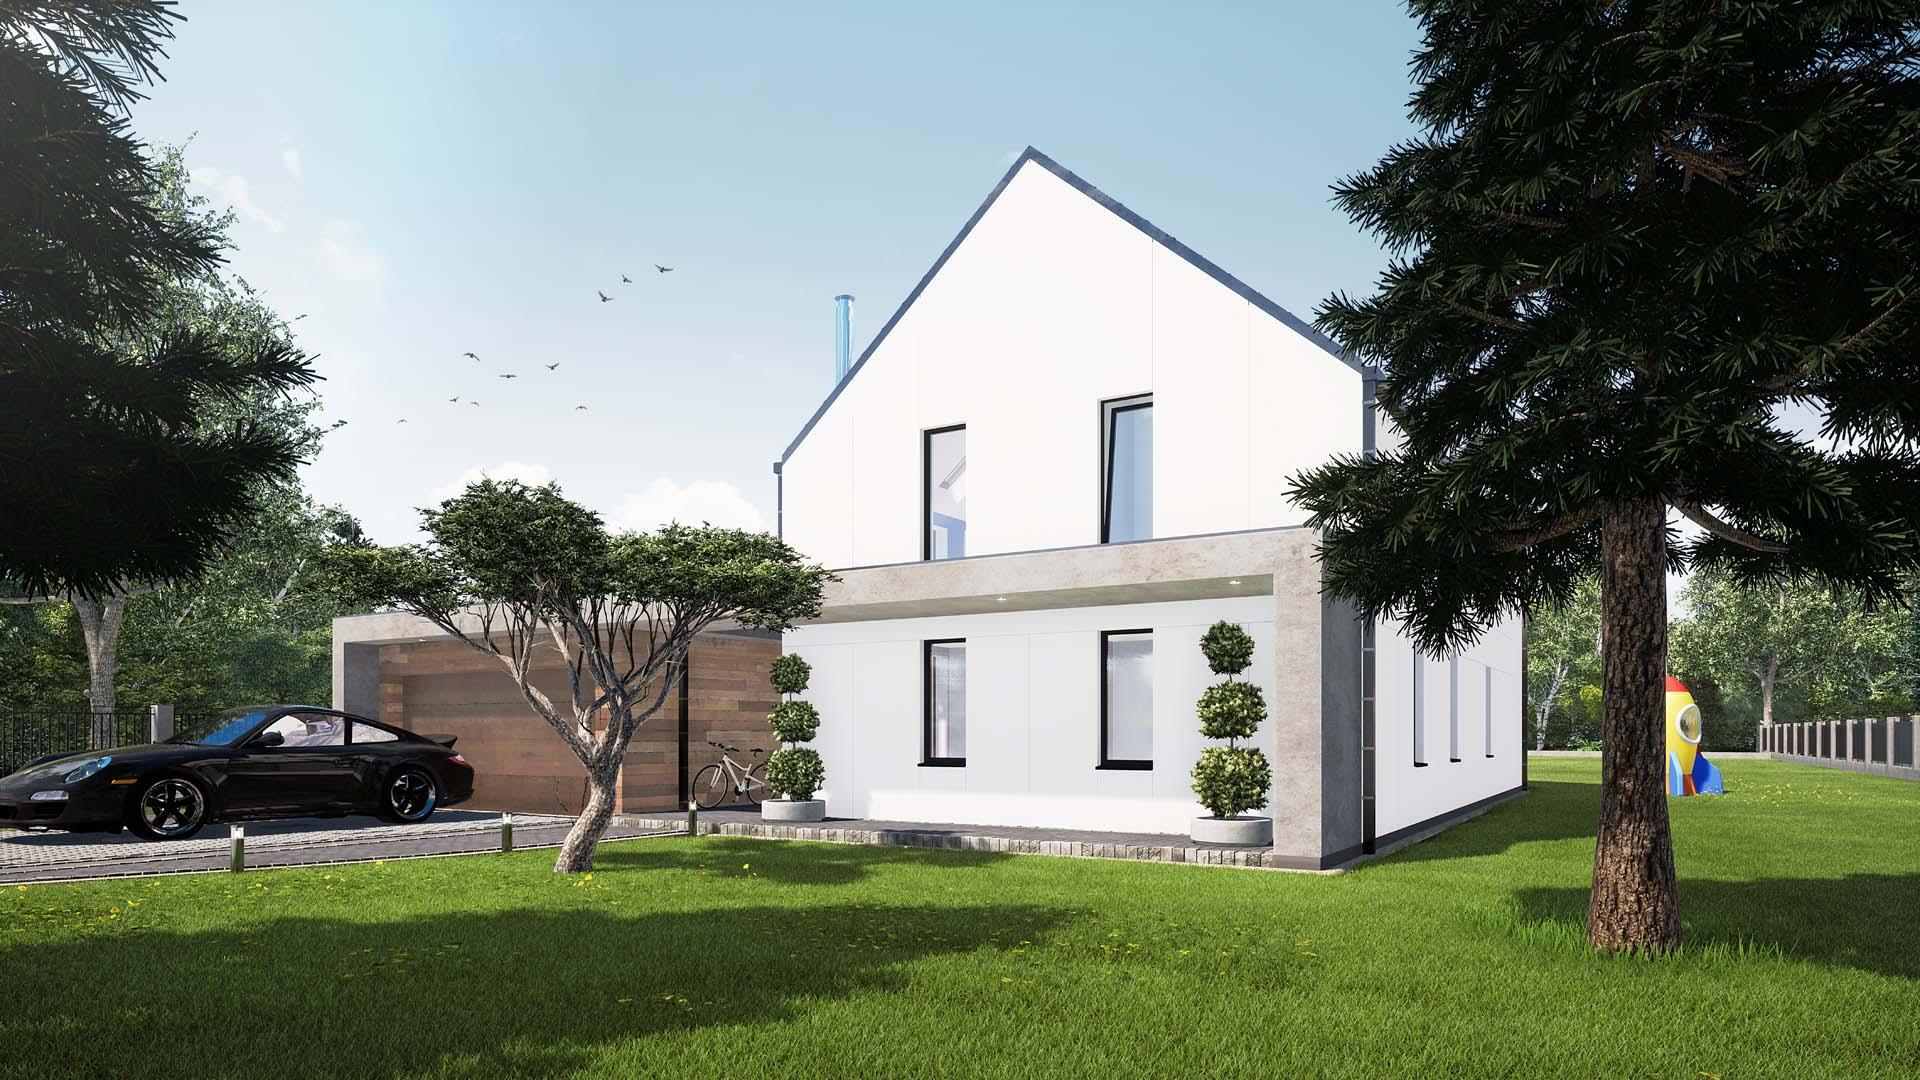 projekt budowlany domu jednrodzinnego strzemieszyce wielkie śląsk dom modułowy